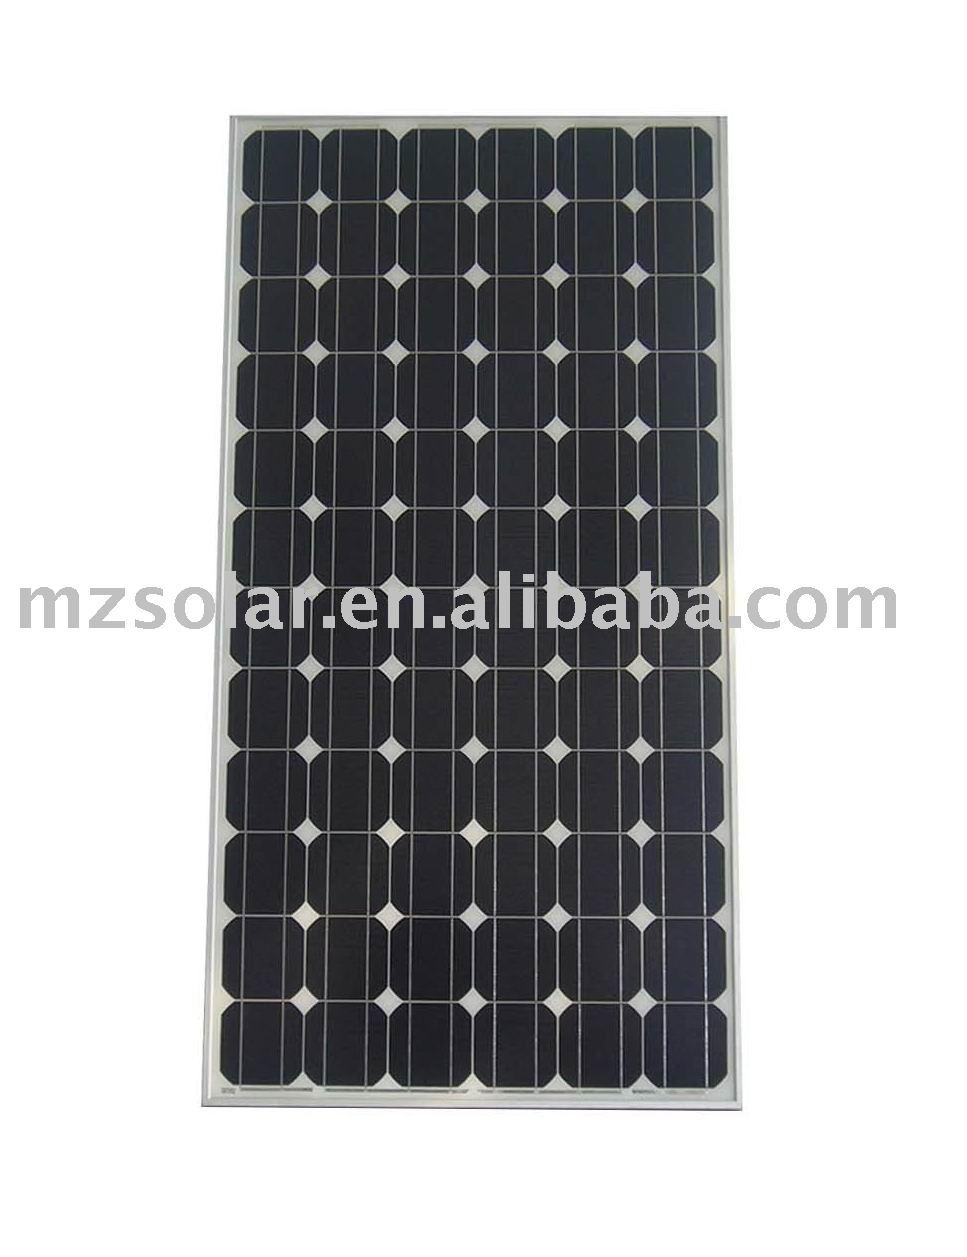 280W monocrystalline solar panel